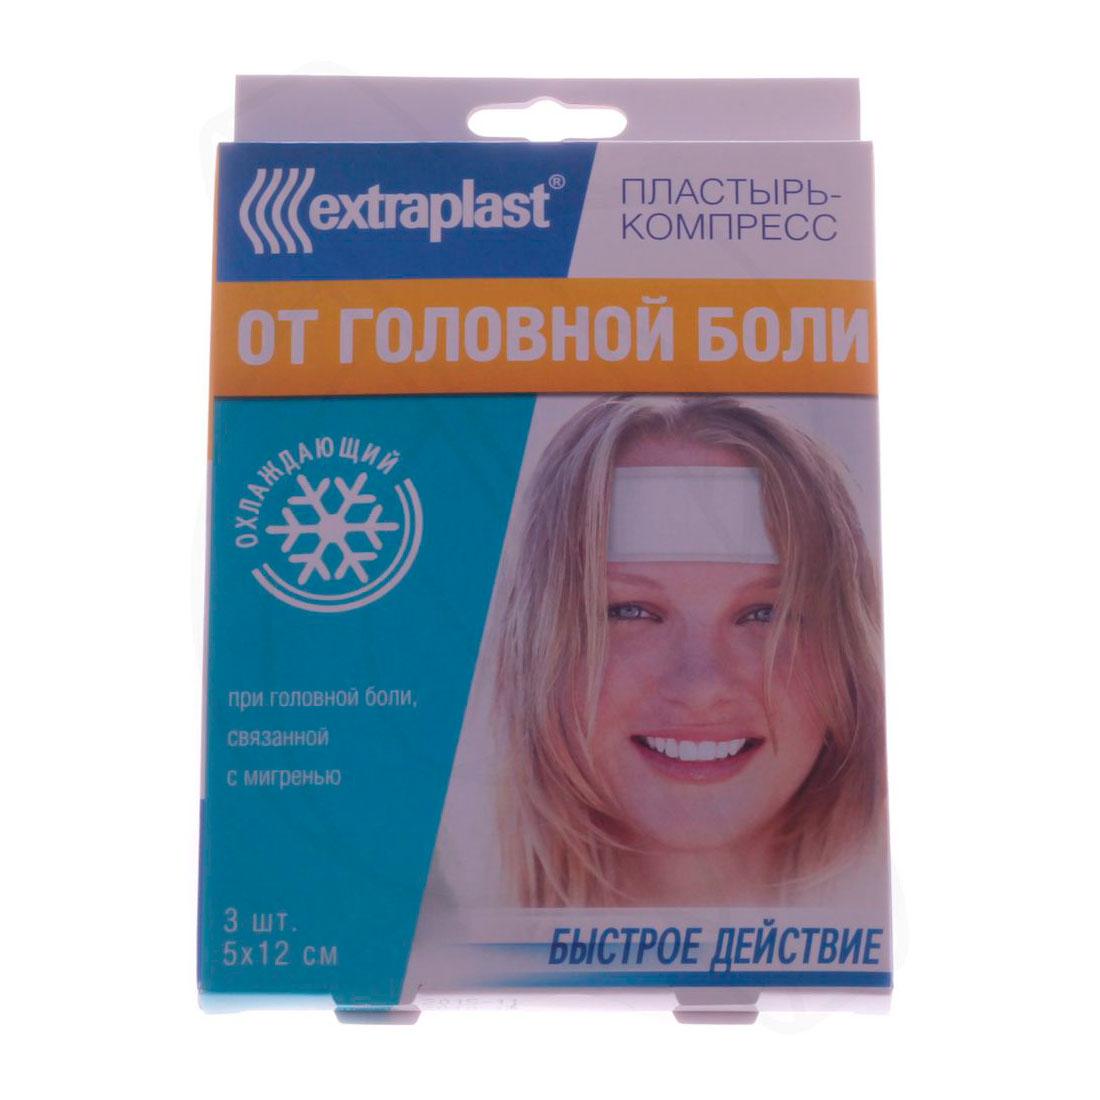 Пластырь Extraplast От головной боли 3 шт 5х12 см